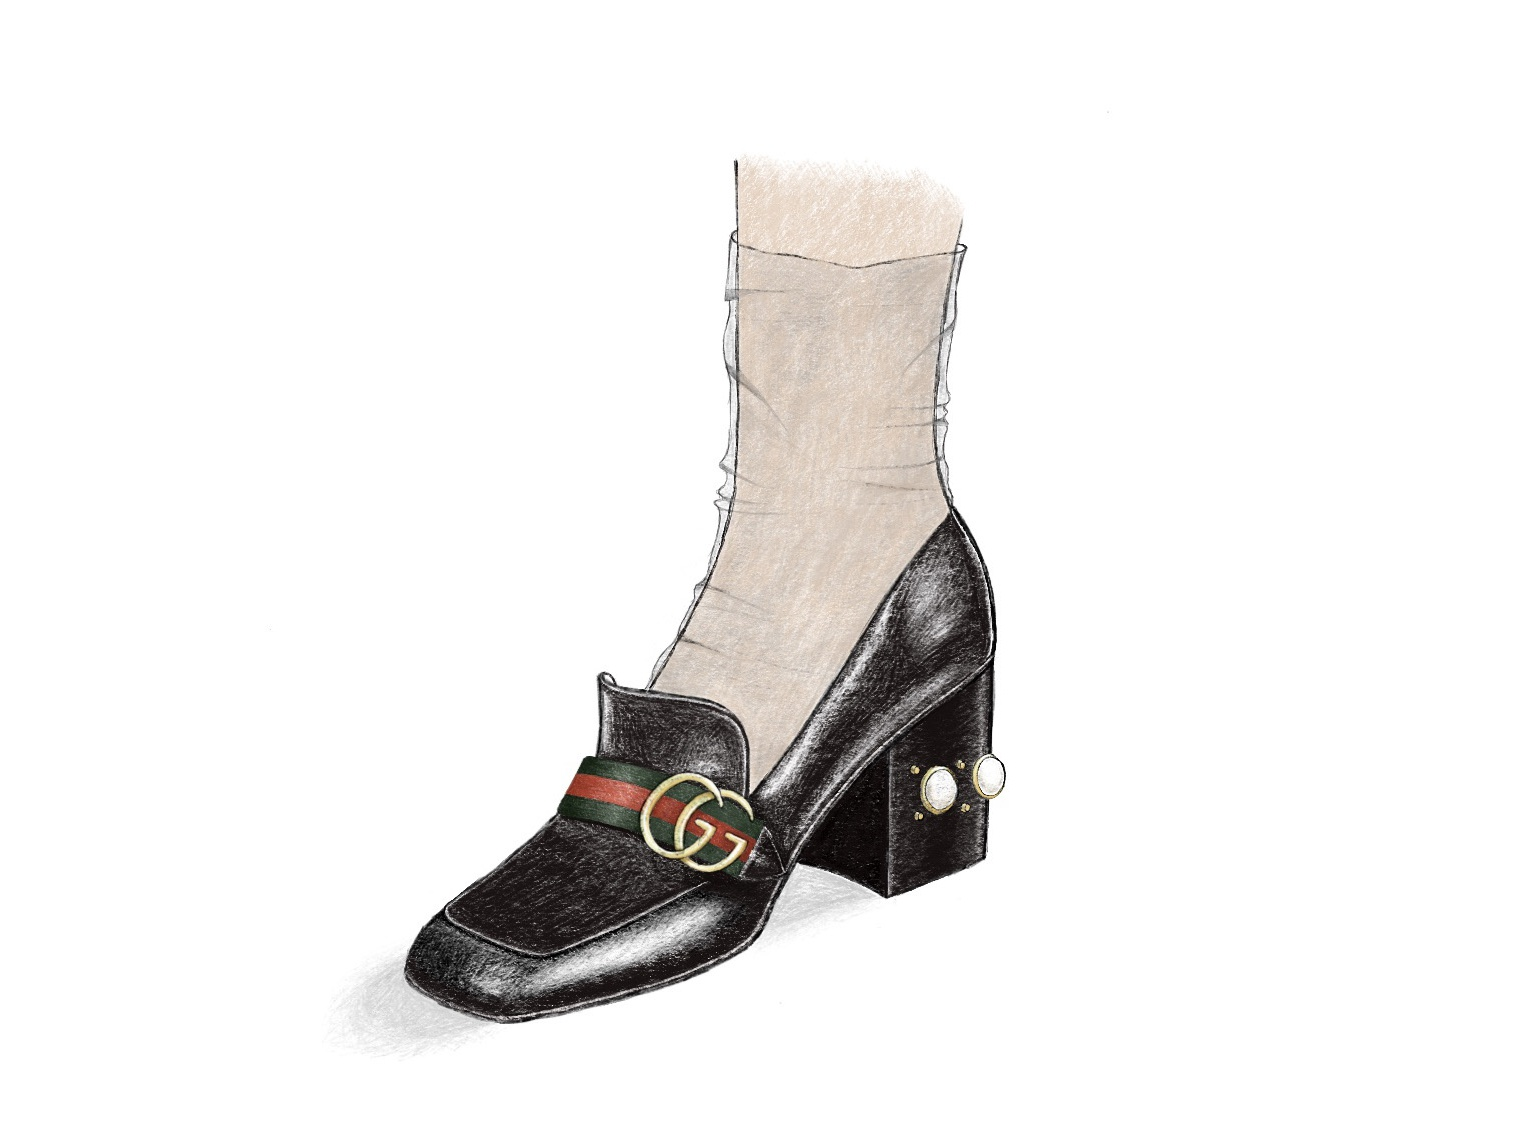 Zapato Gucci pencil drawing ilustración moda fashion illustration shoe design zapatos design pencil gucci shoe procreate pastel soft drawing ilustracion illustration